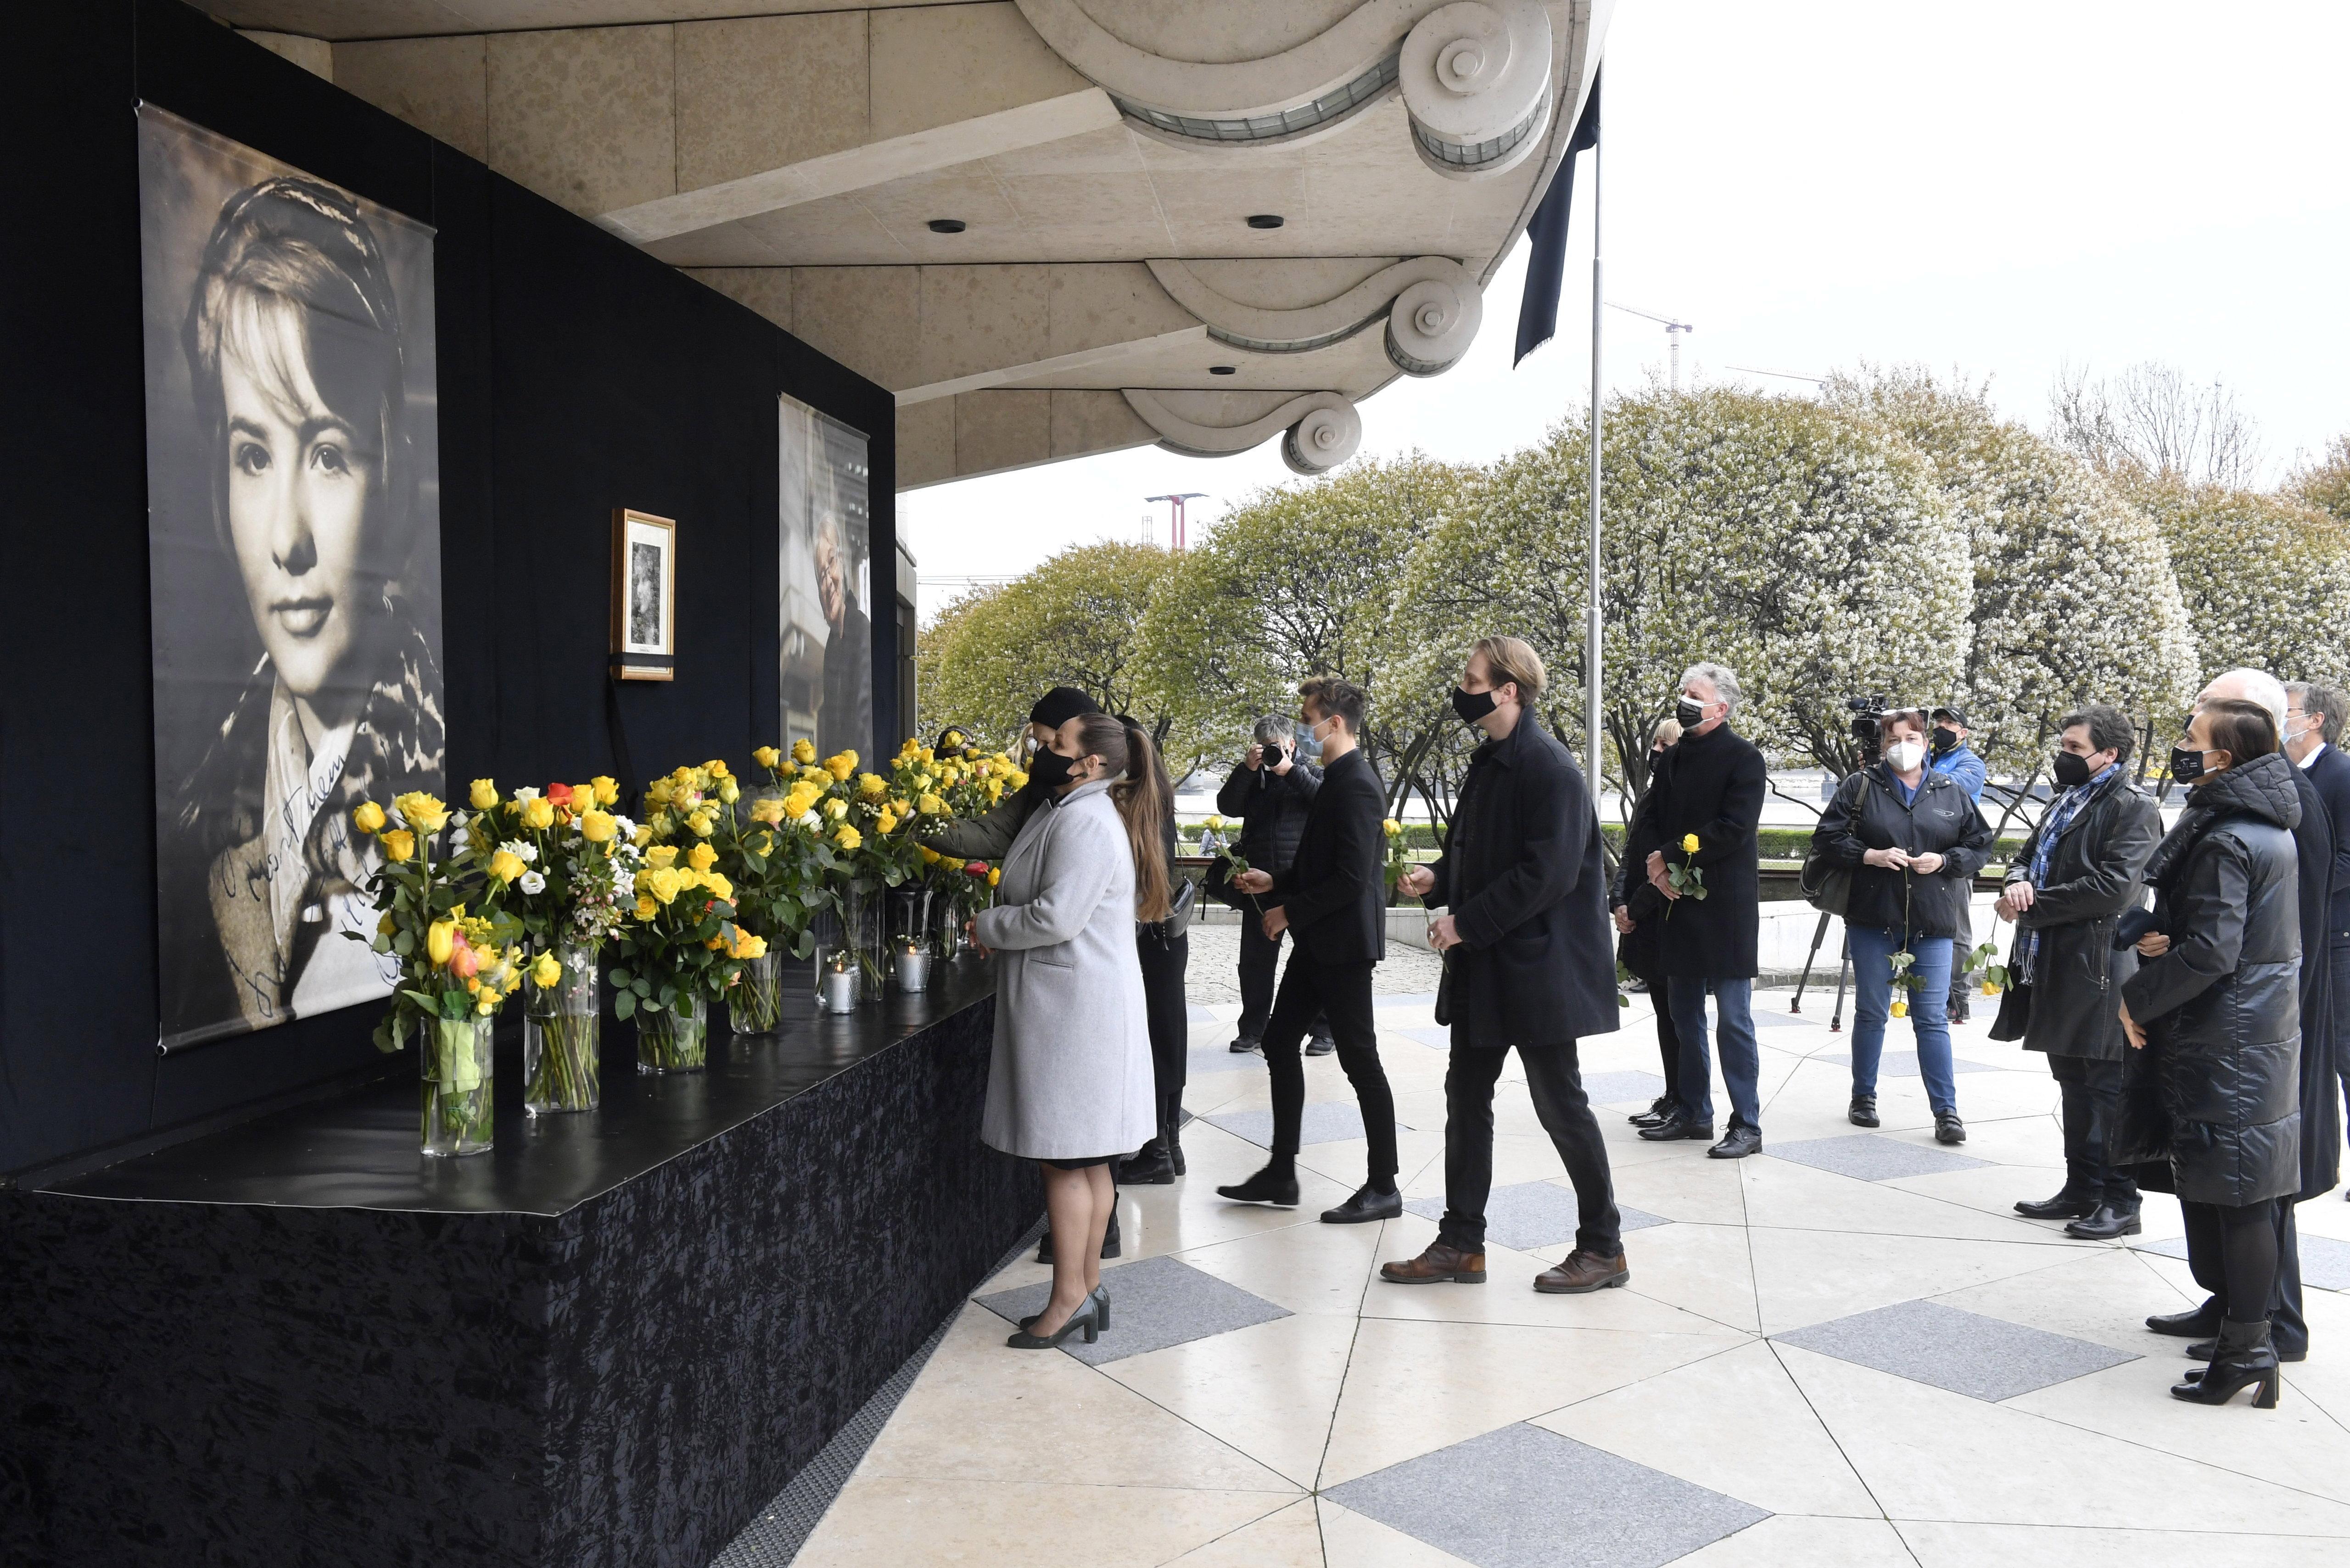 Megemlékezést tartottak Törőcsik Mariról a Nemzeti Színház előtt